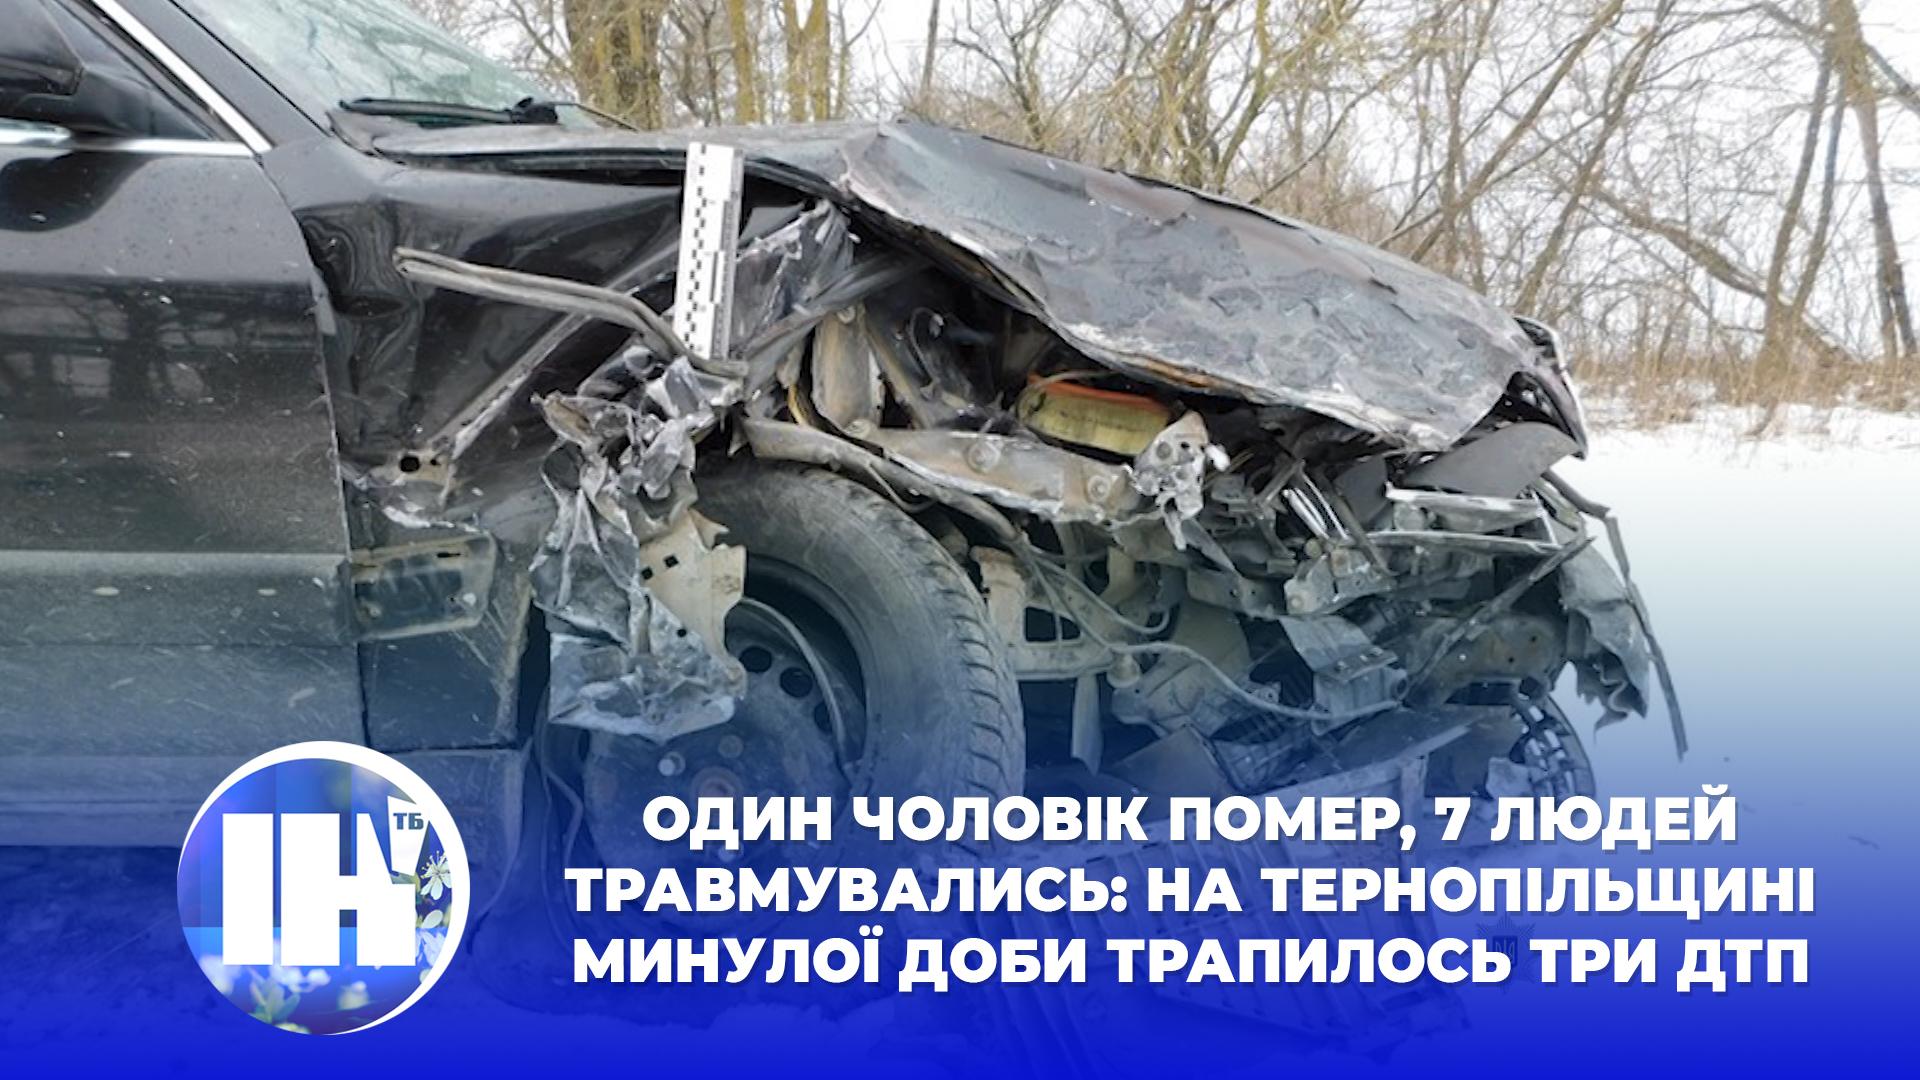 Один чоловік помер, 7 людей травмувались: на Тернопільщині минулої доби трапилось три ДТП